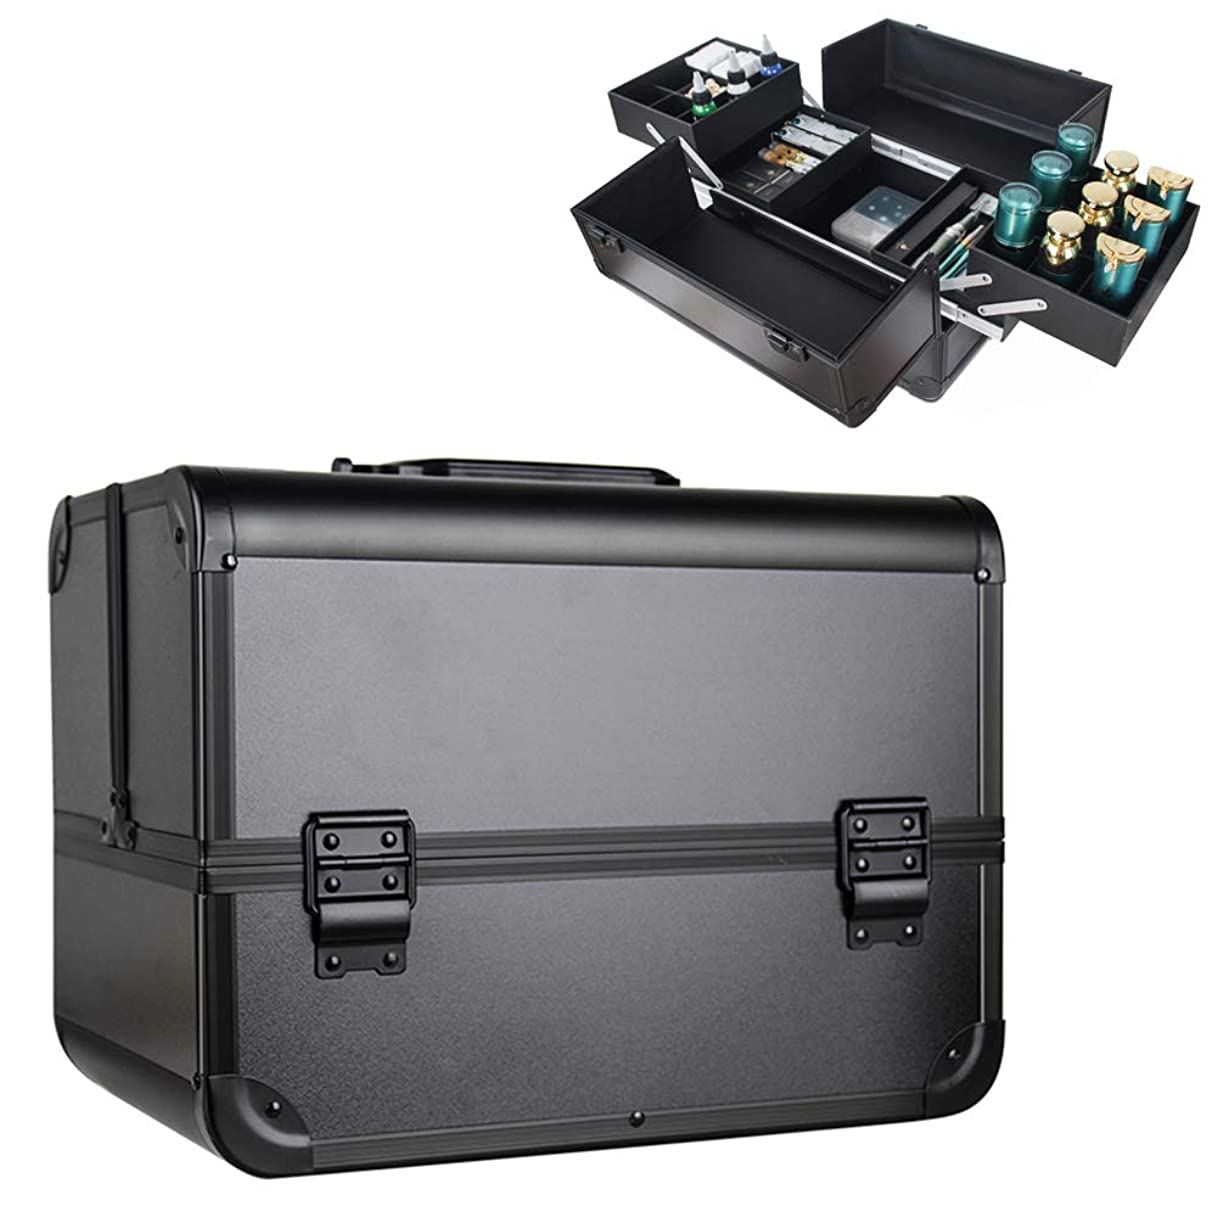 コスメティックケースコスメティックメイクアップアーバンビューティボックス、ネイルジュエリーコスメティックケース、ハードコスメティックケース、コスメティックケース、ビューティボックス-4つの折りたたみトレイ、大きな底部コンパートメント、キャリングハンドル,黒